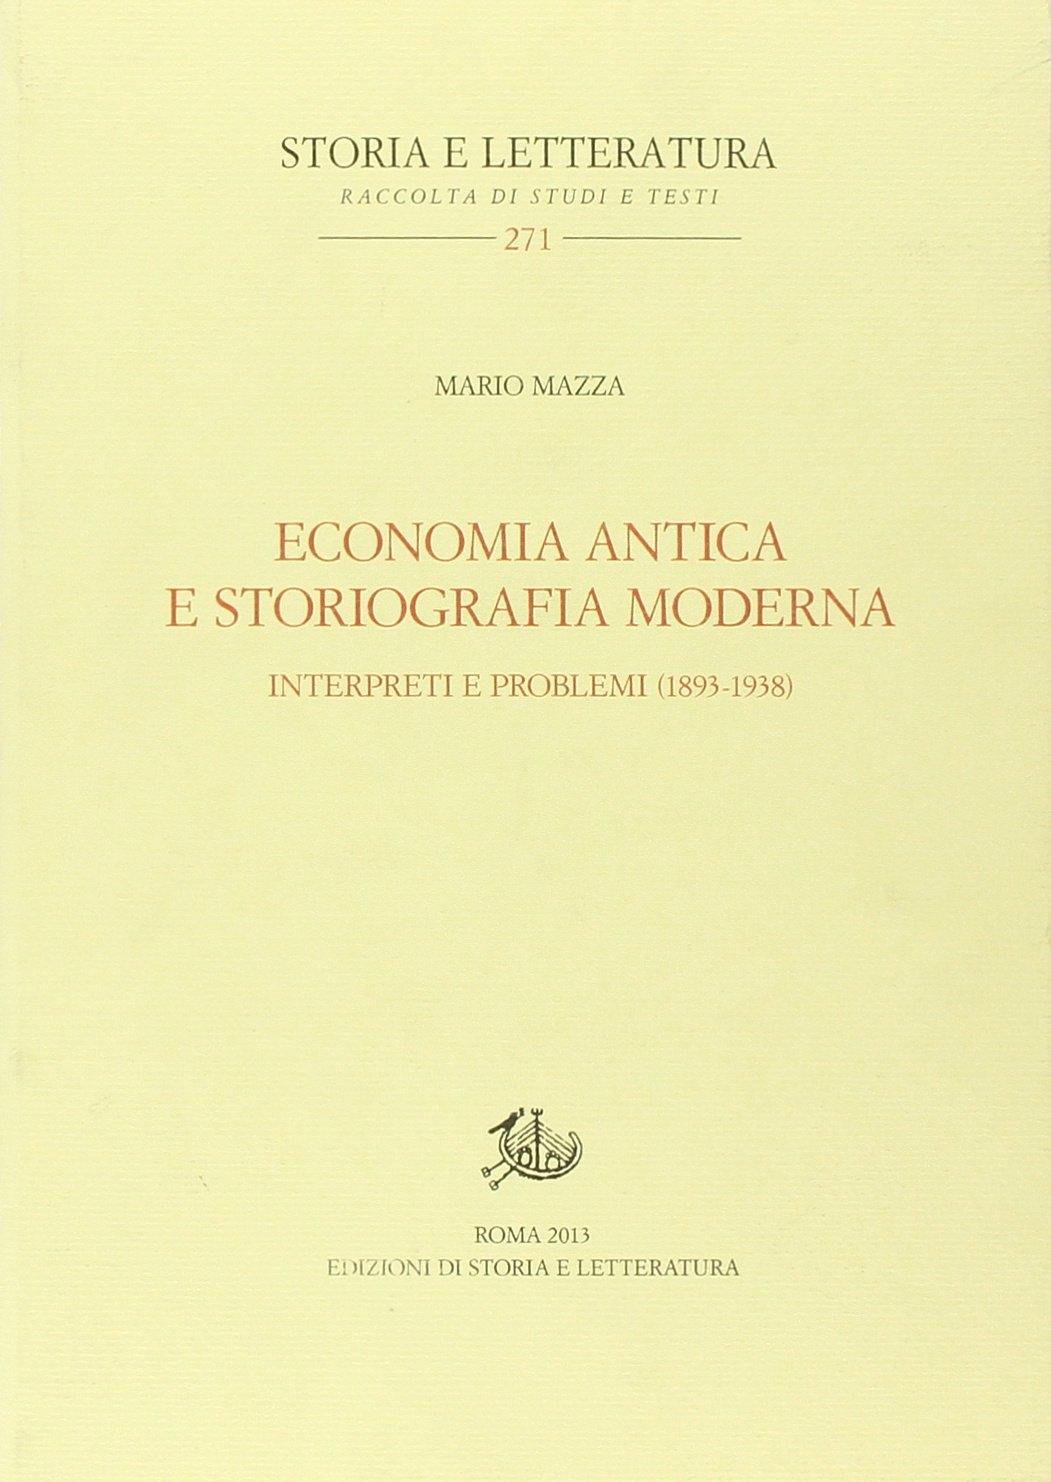 Economia antica e storiografia moderna. Interpreti e problemi (1893-1938)